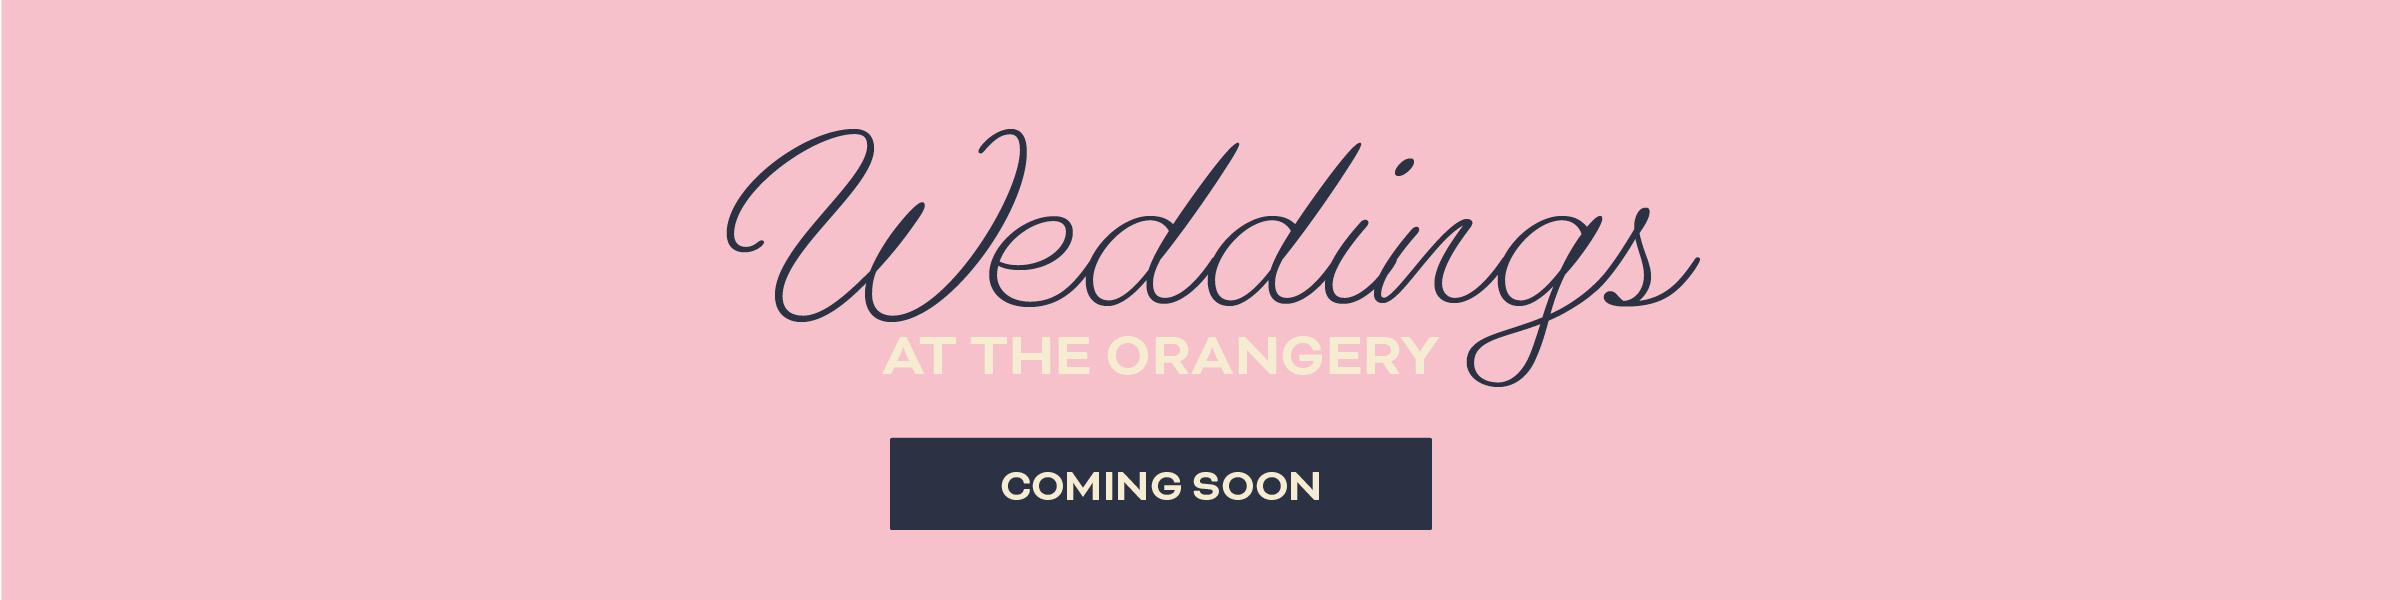 Weddings at Ingestre - coming soon